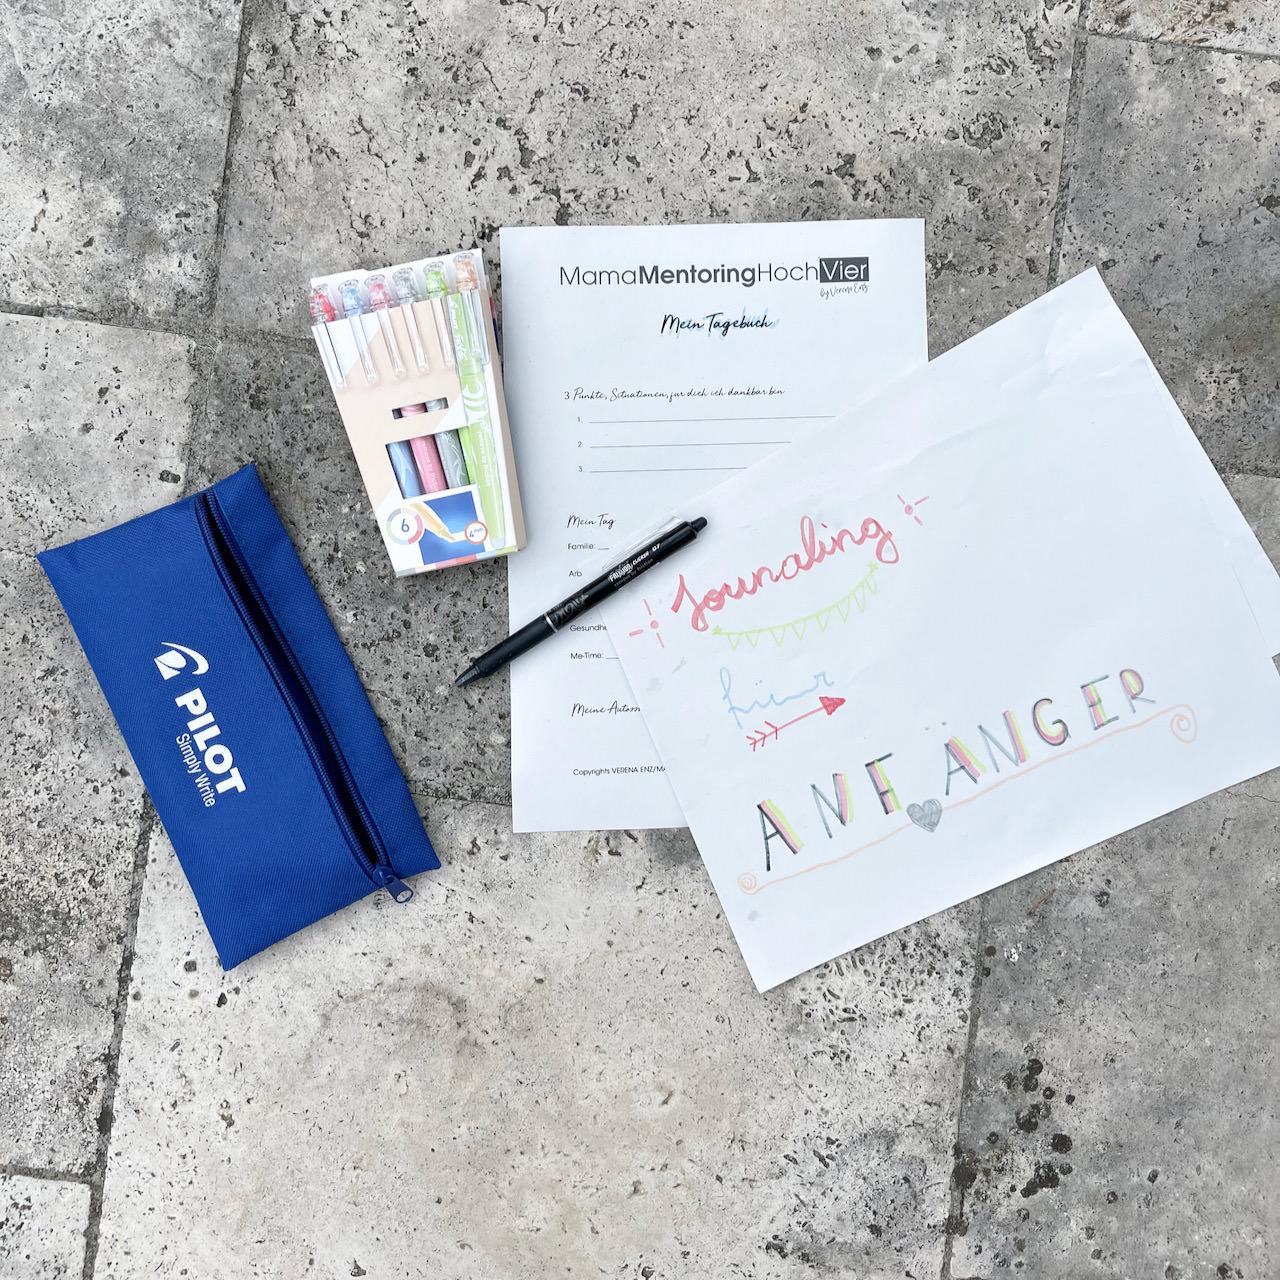 Tipps für das Journaling - so schreibst du dein Tagebuch